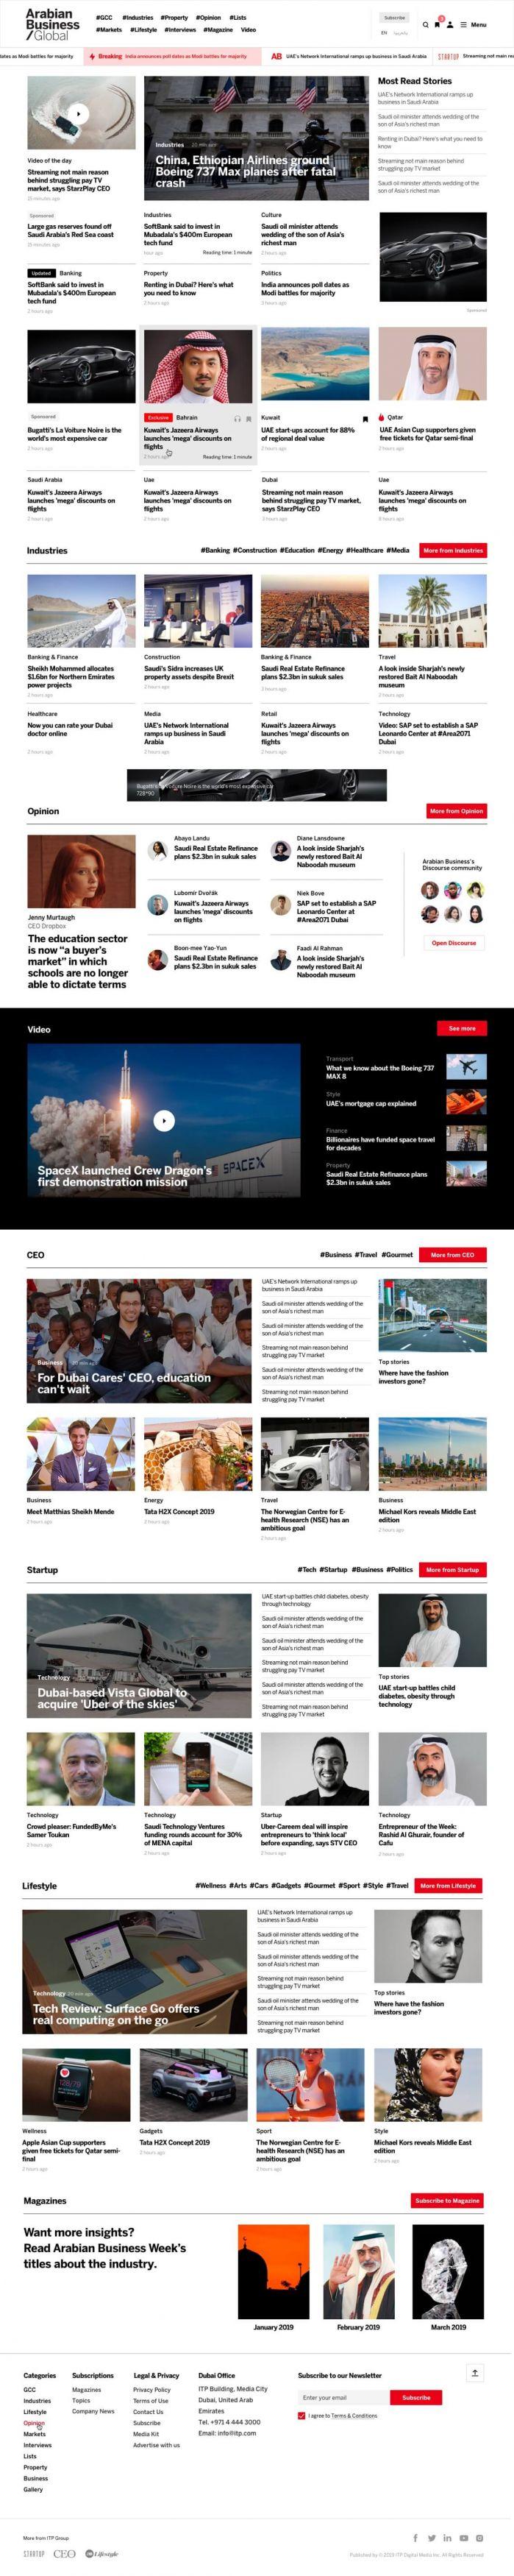 Arabian Business - Homepage.jpg